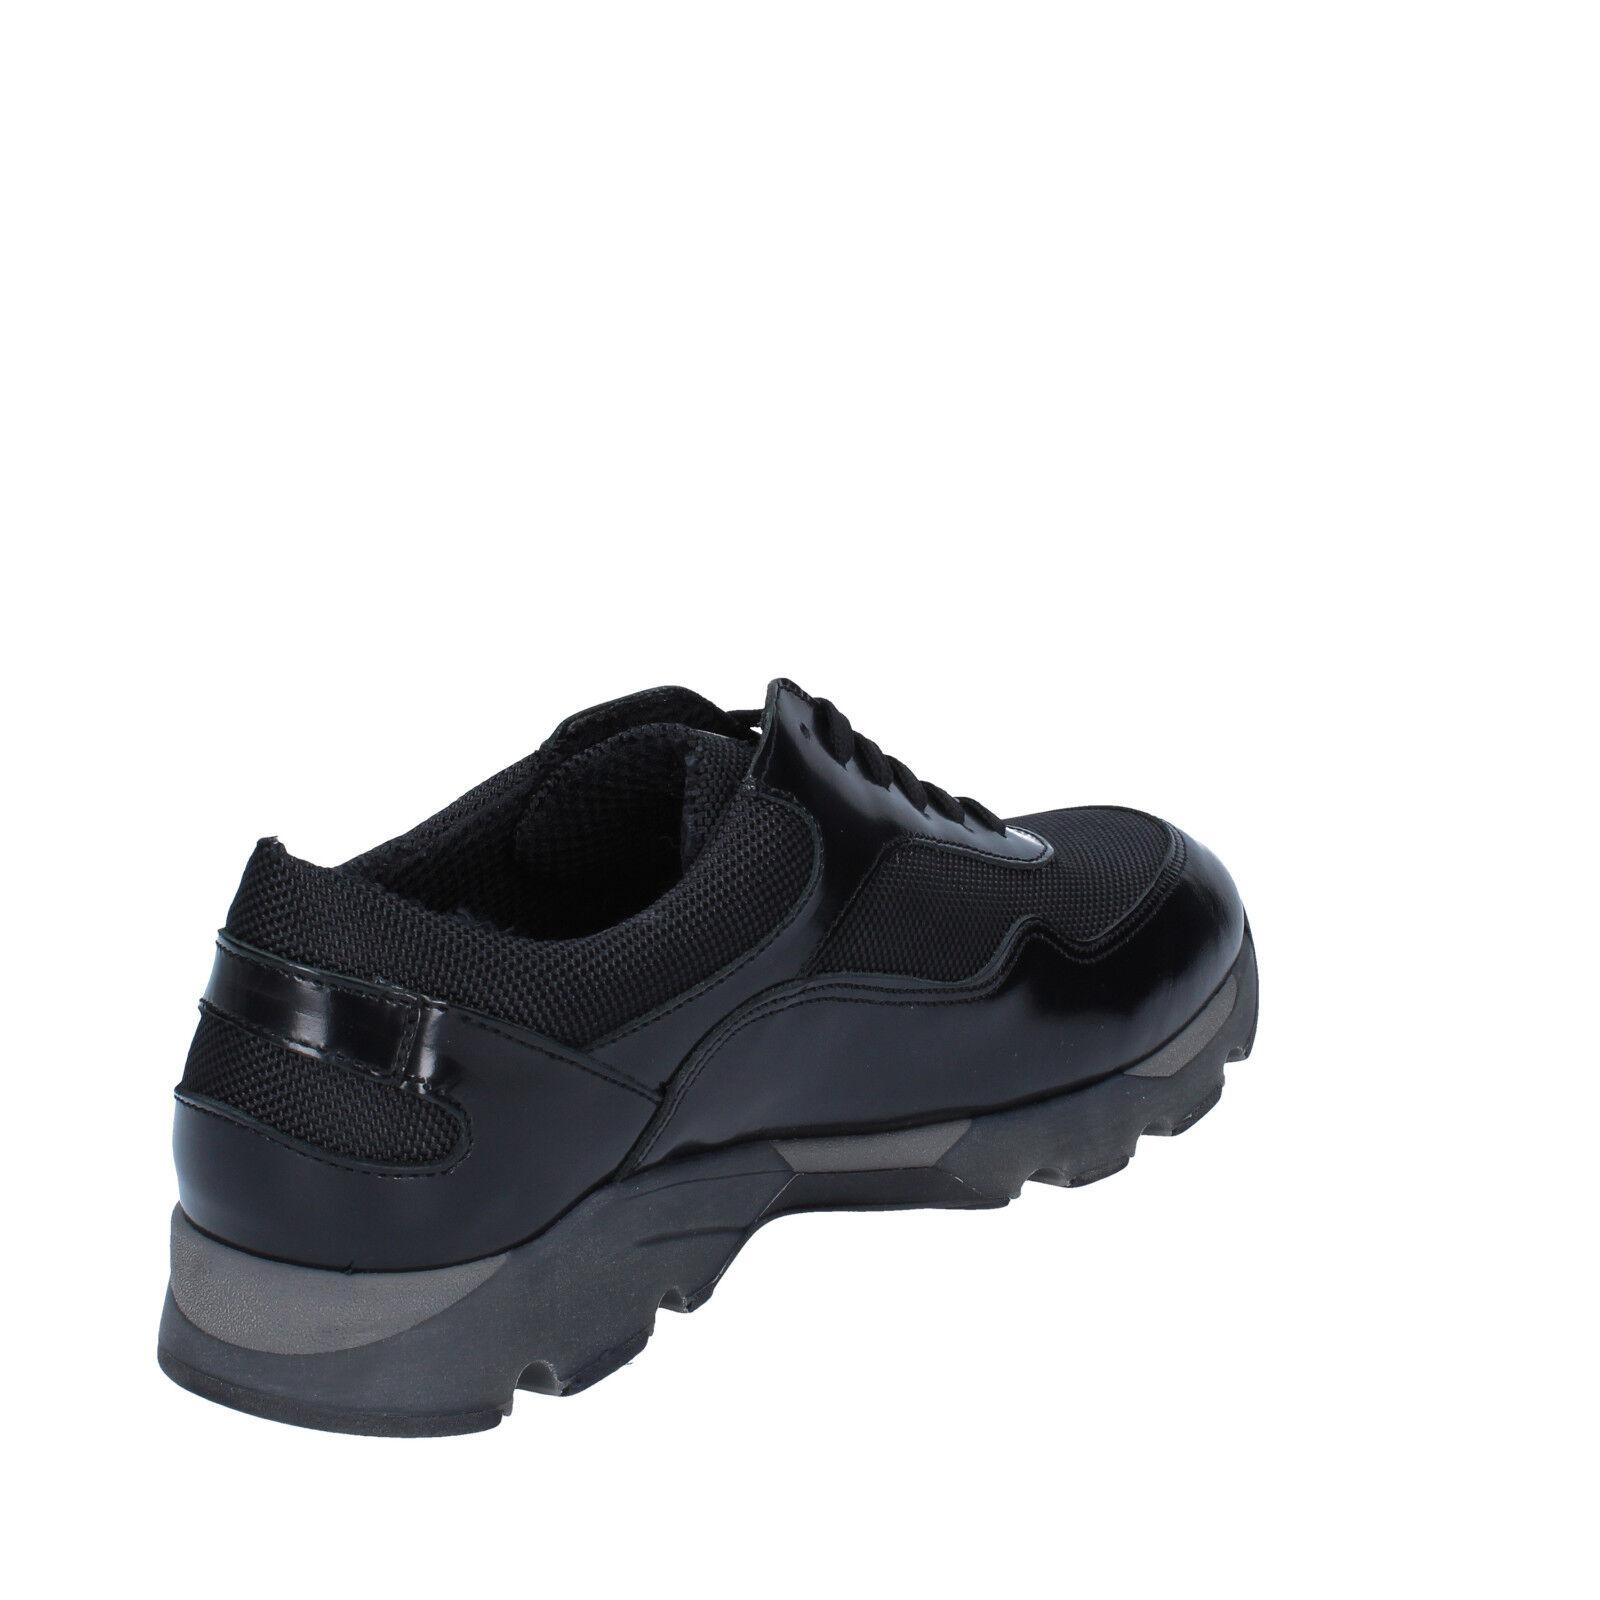 uomo BALDININI 40 EU scarpe da ginnastica nero pelle/tessuto pelle/tessuto nero BY537-40 6a9282